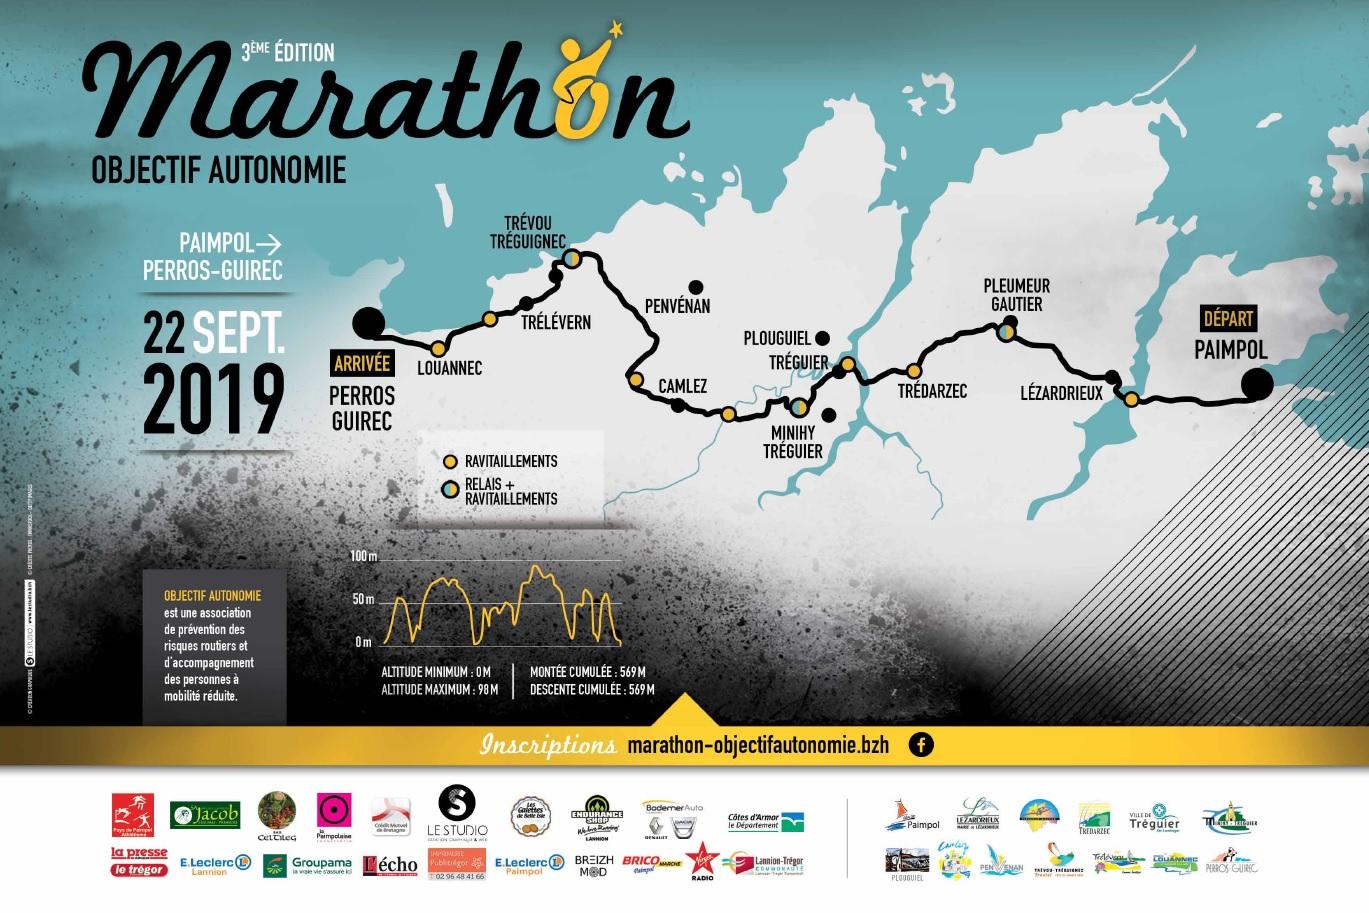 Parcours Marathon Objectif Autonomie 2019